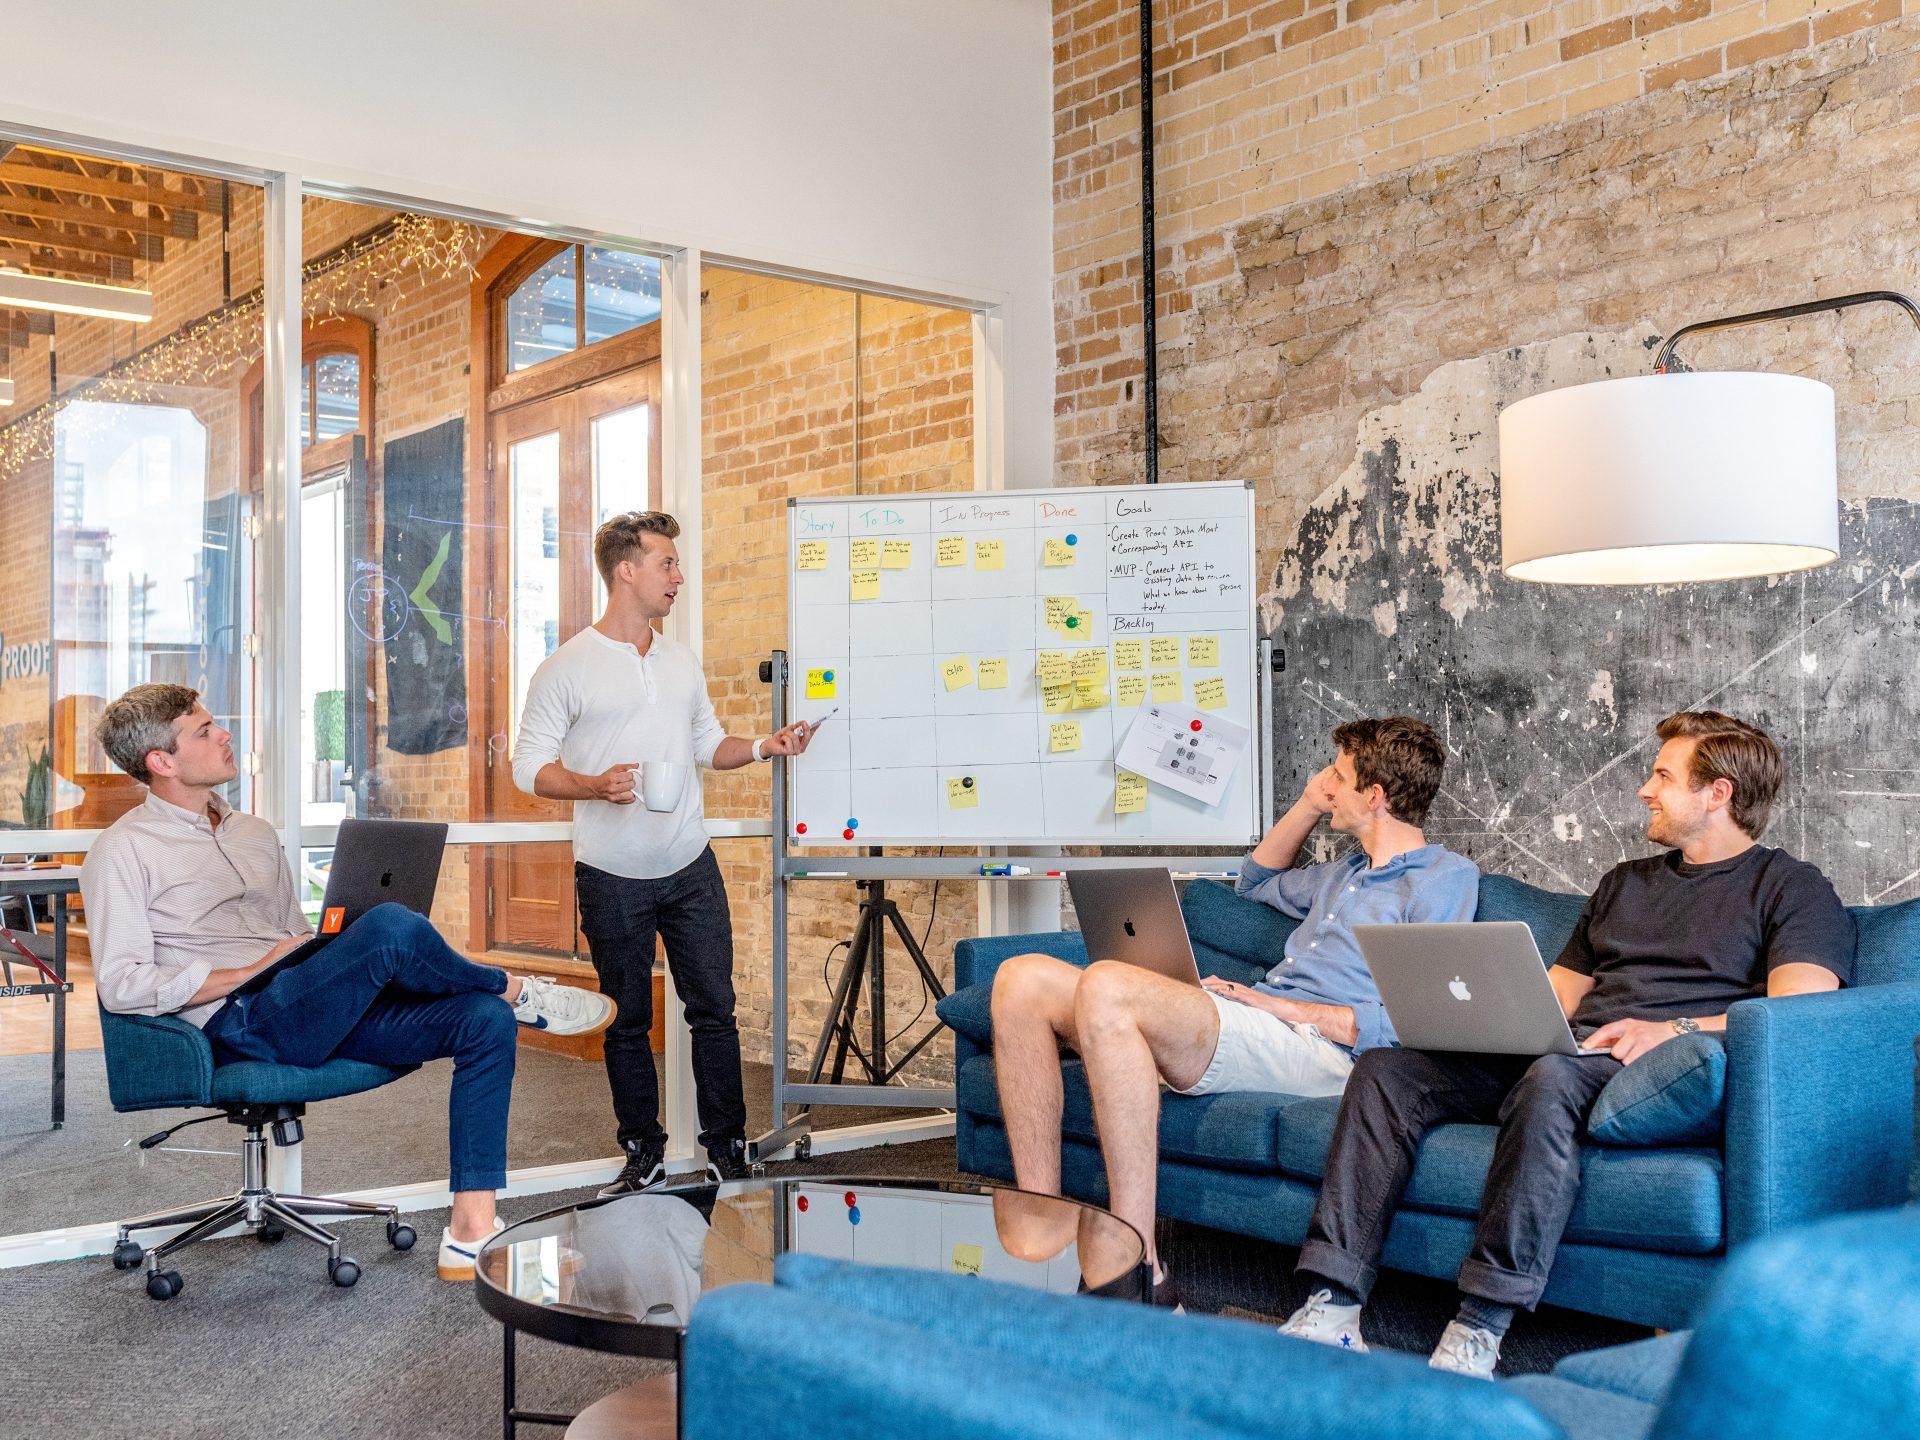 Unternehmens- und Meetingkultur – keines ohne das andere!